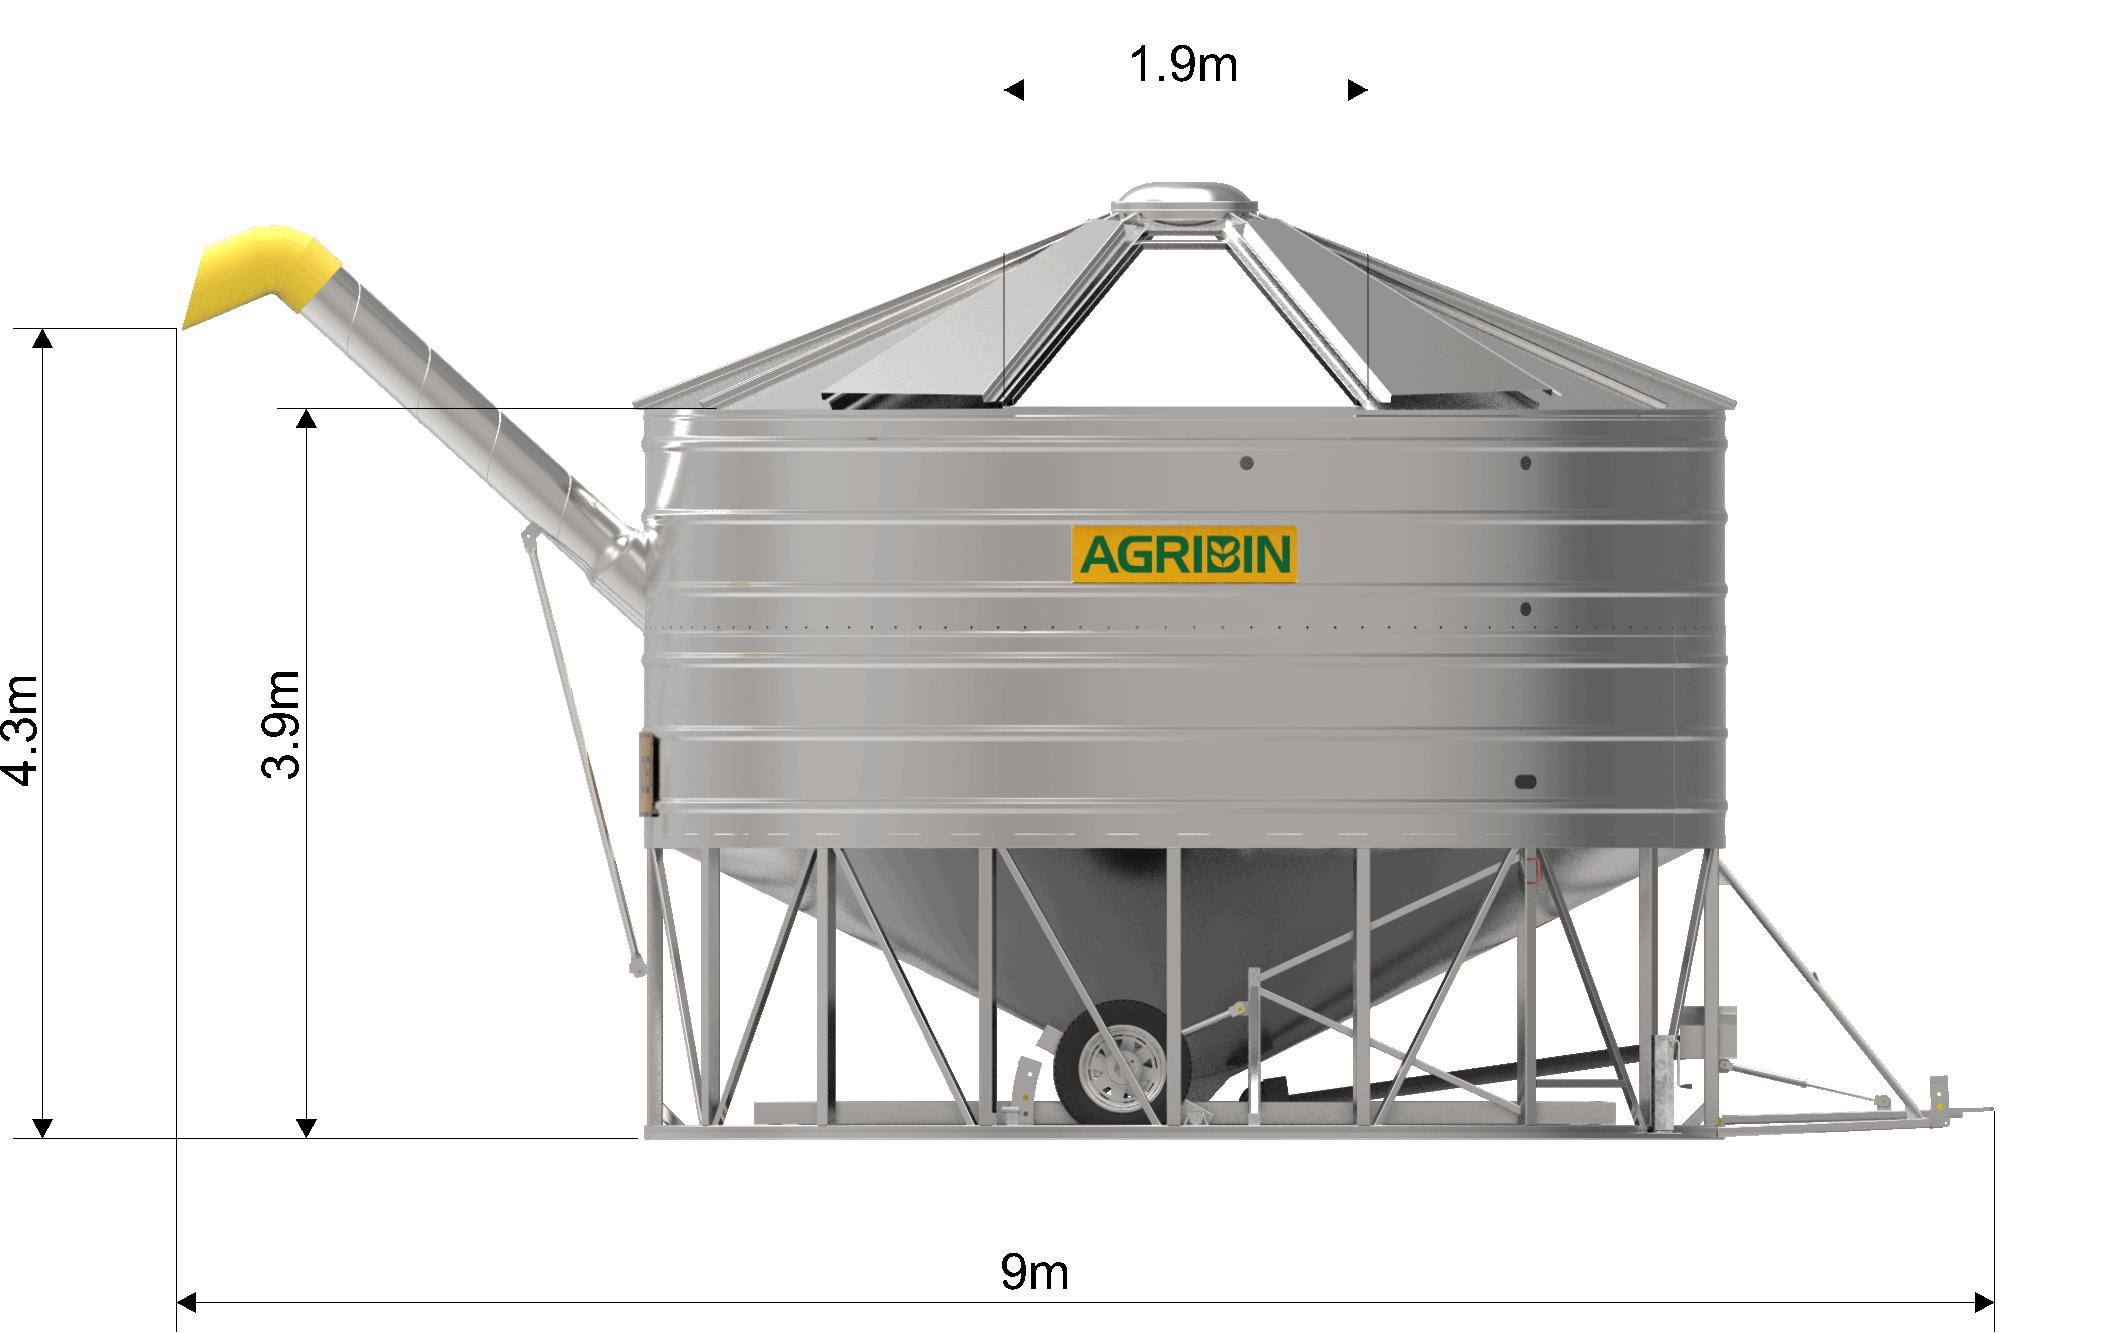 Agrinbin Road-train Bin side view